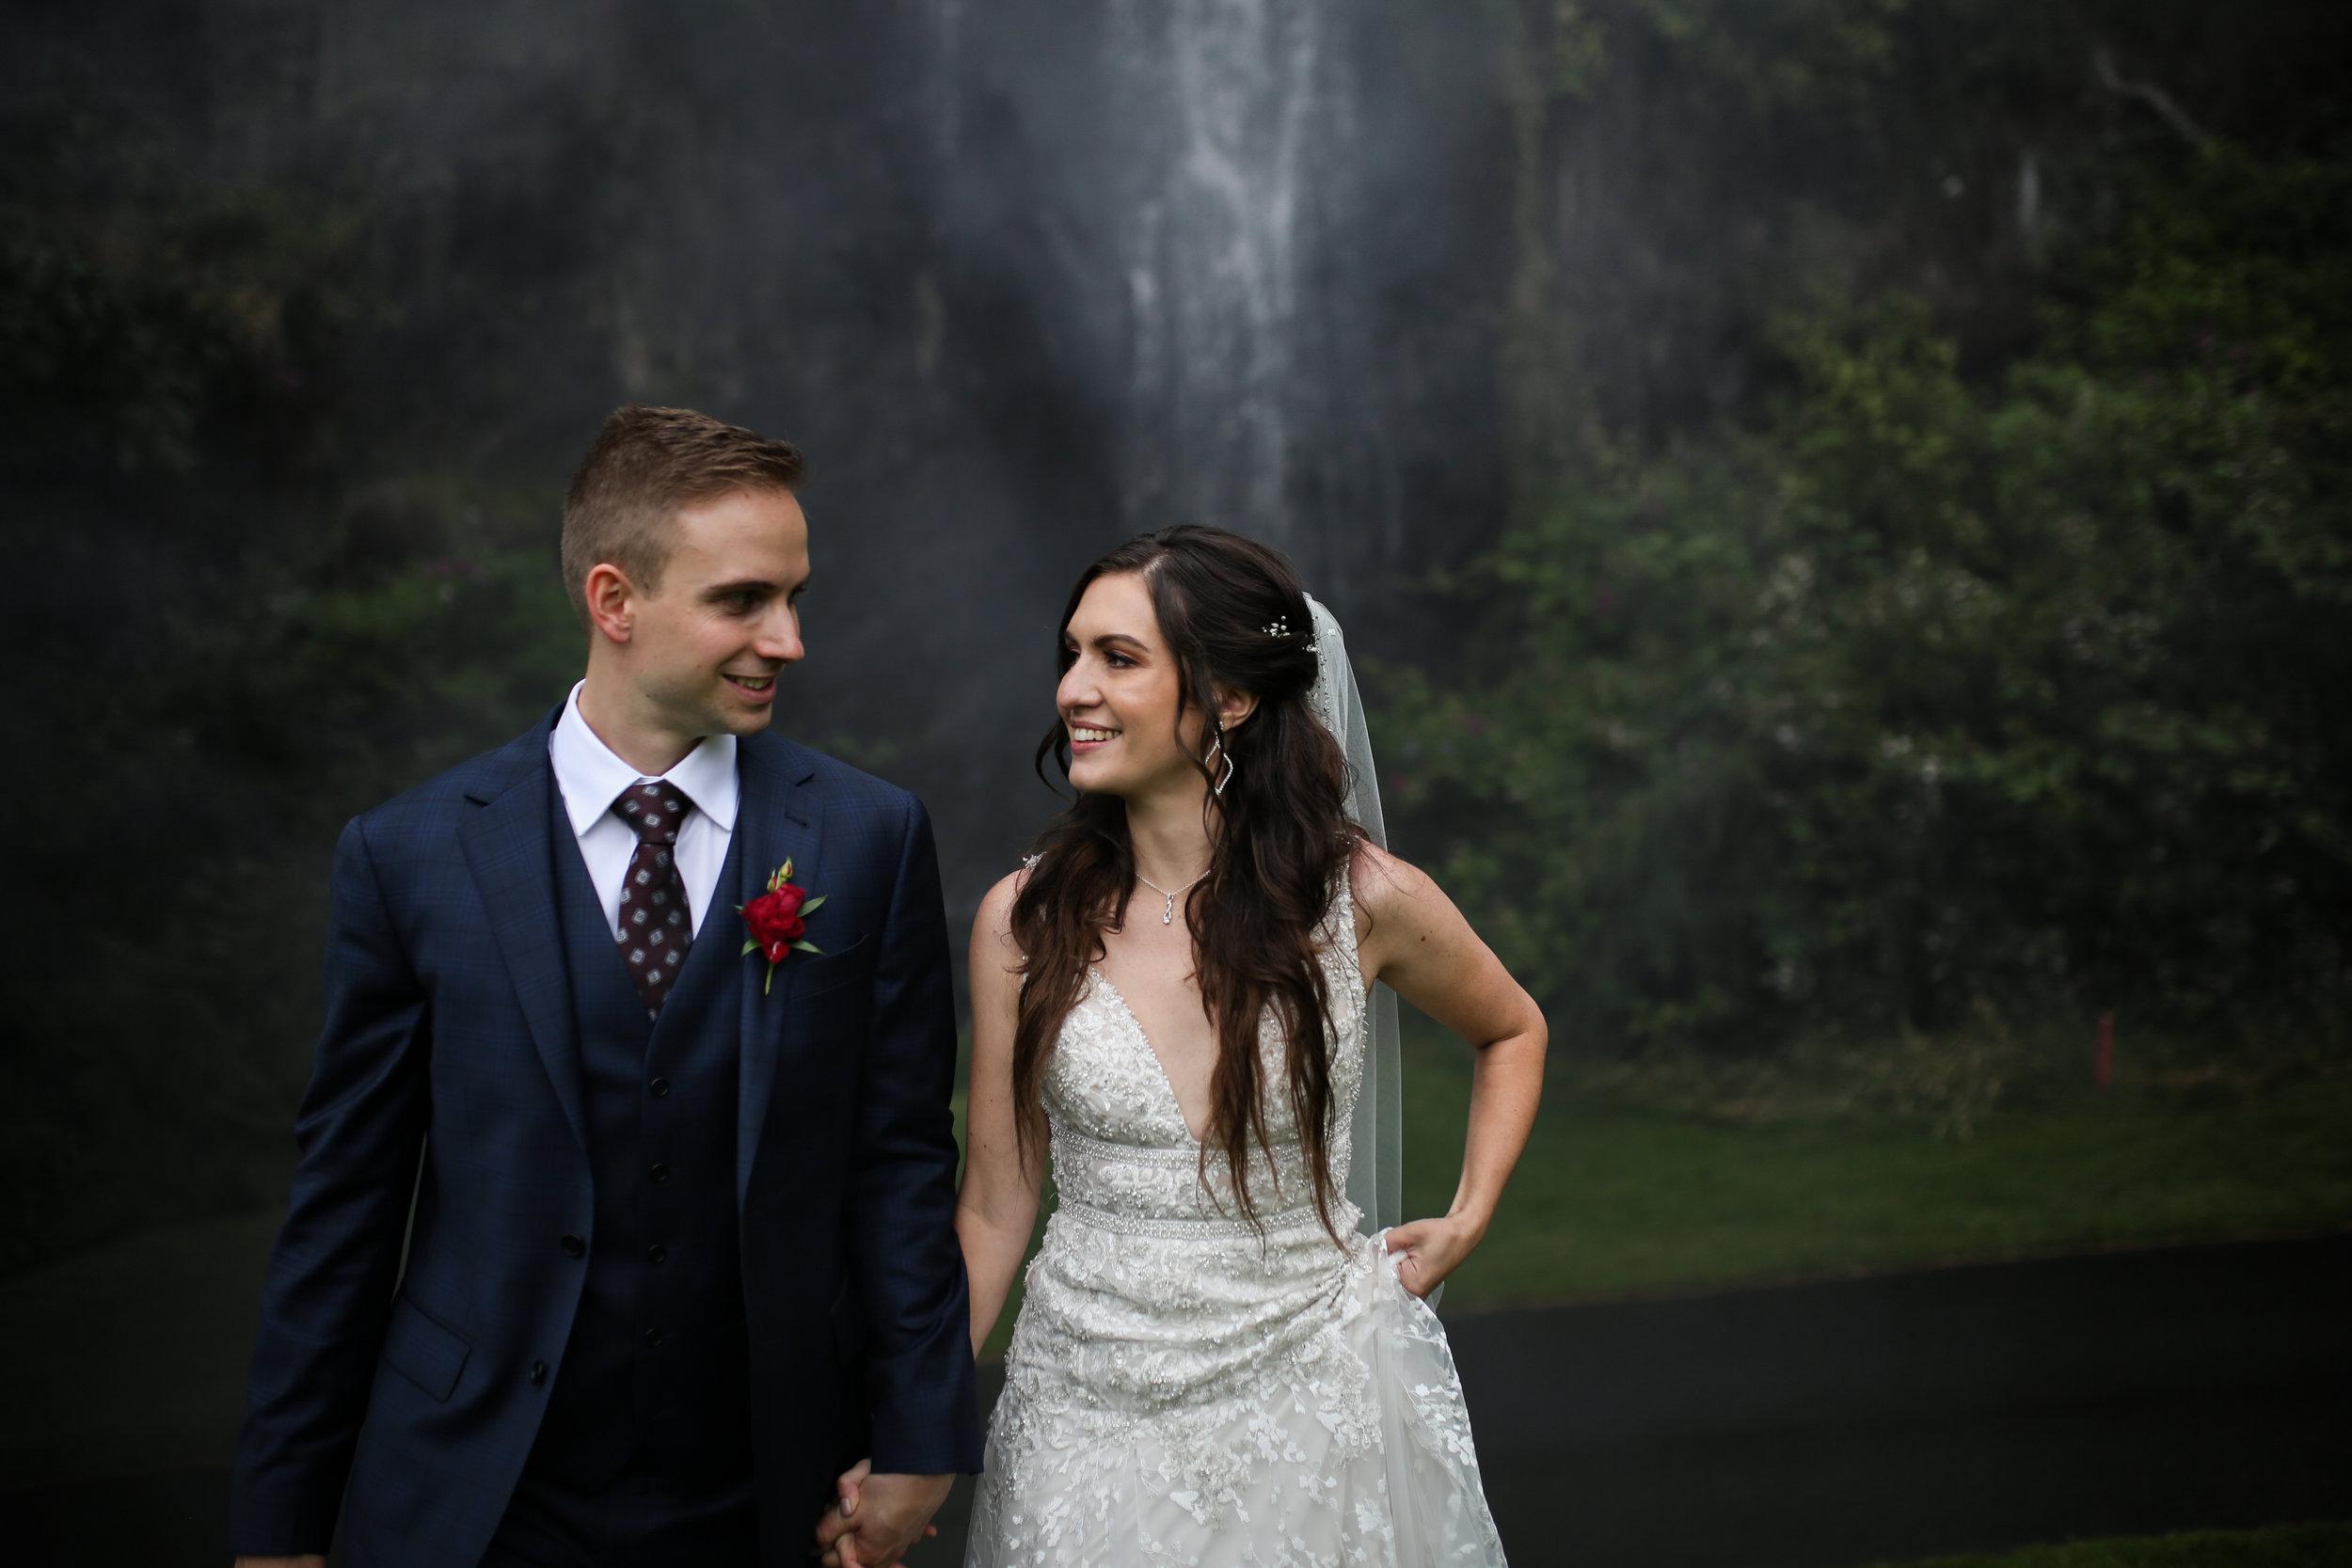 38 Adam Ziorio Photography - Allison & Austin's Wedding.jpg